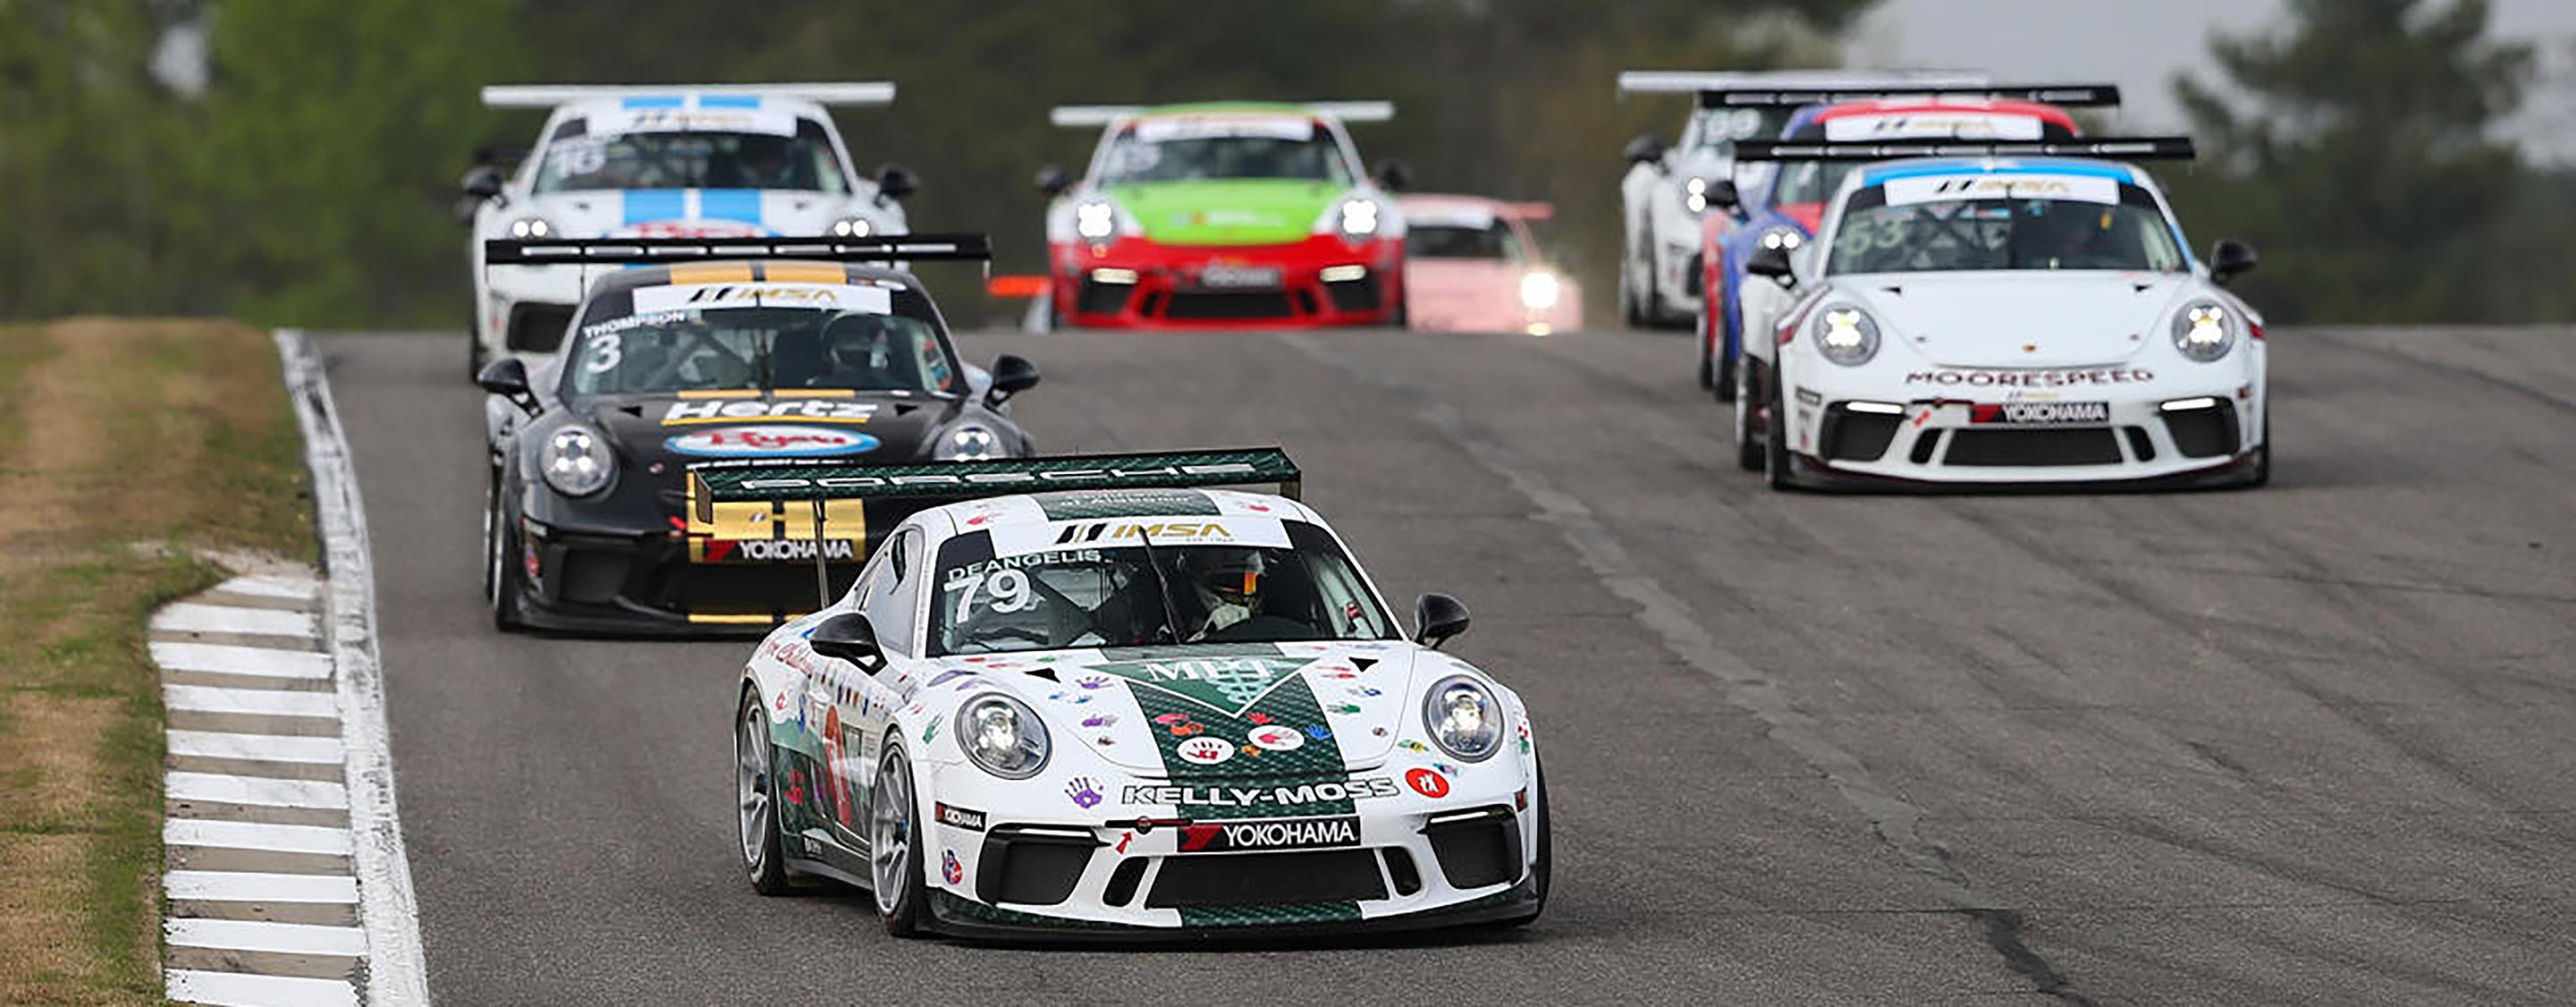 2019 Porsche GT3 Cup Challenge